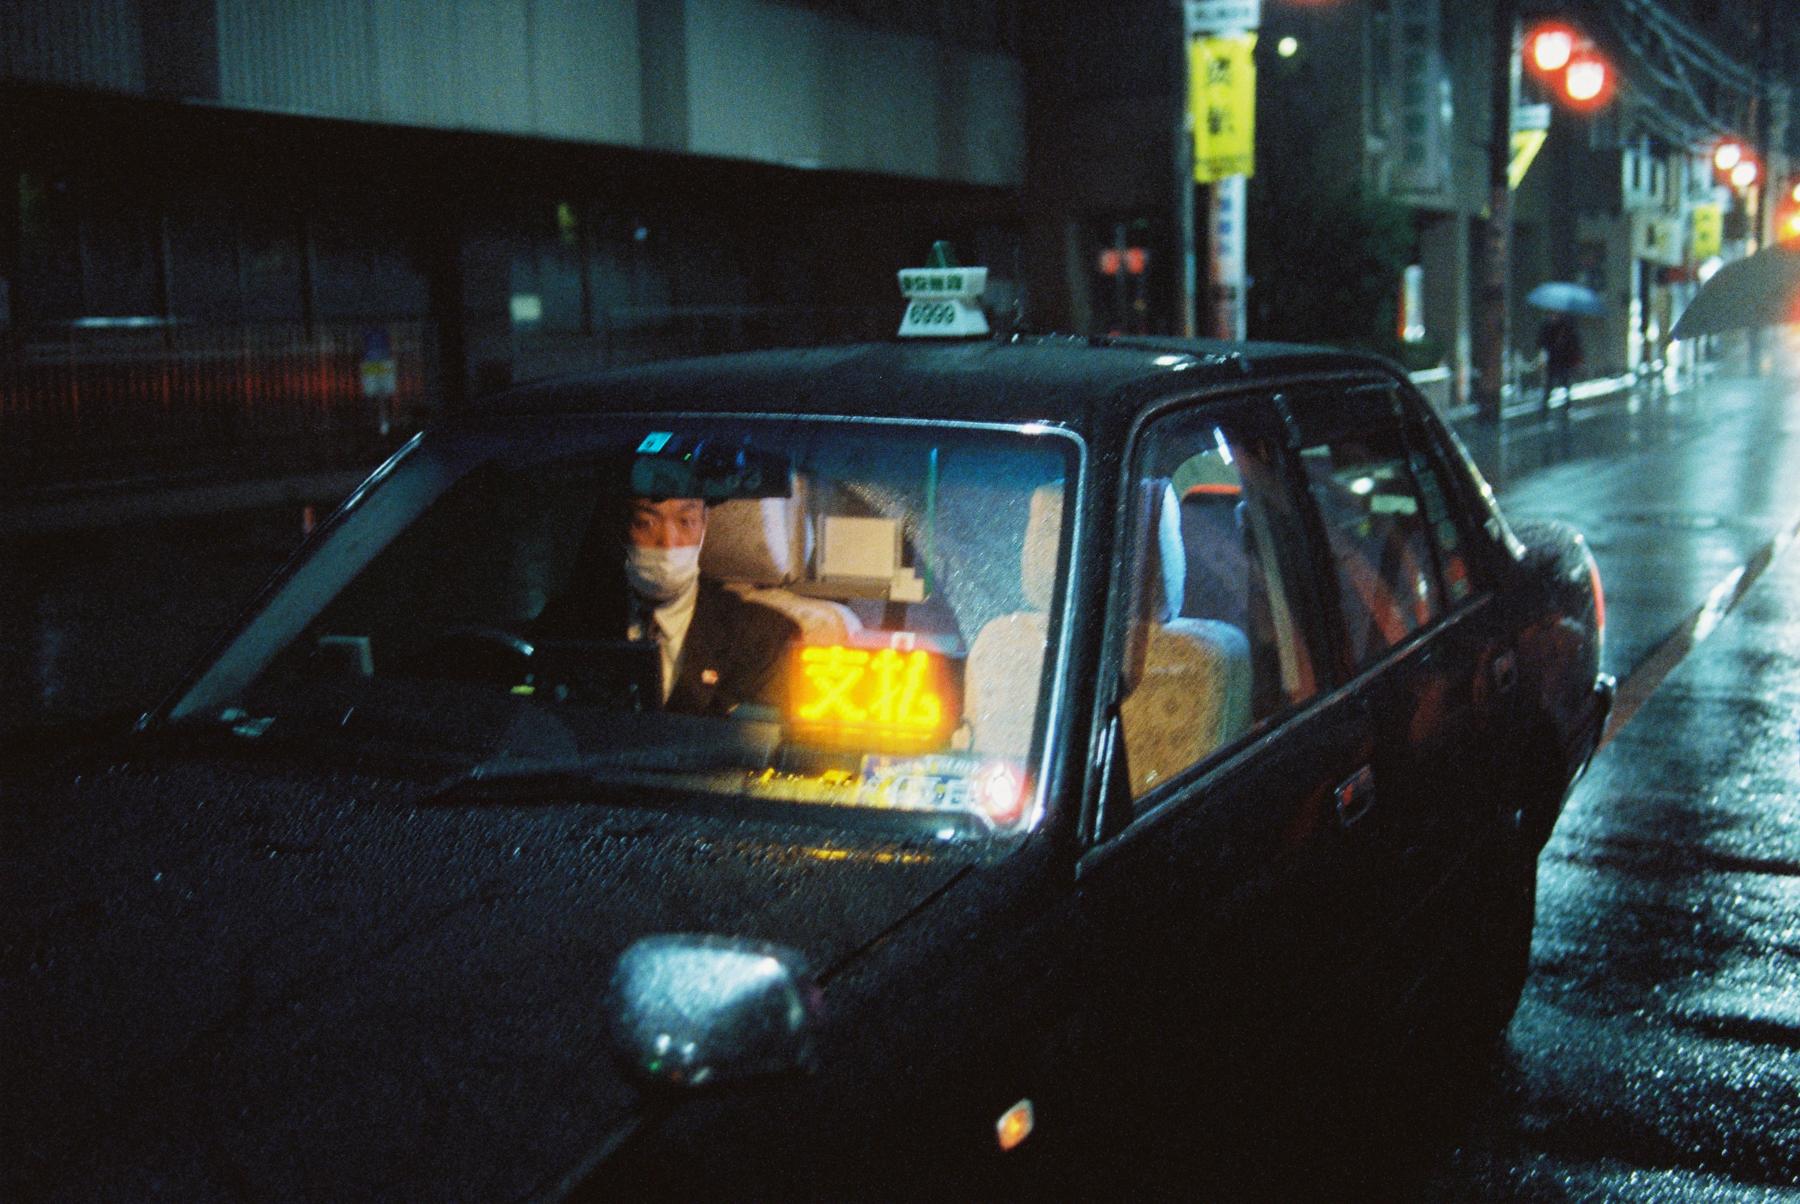 Shibuya Night | Nikon FE 35mm f/2 | Gili Benita